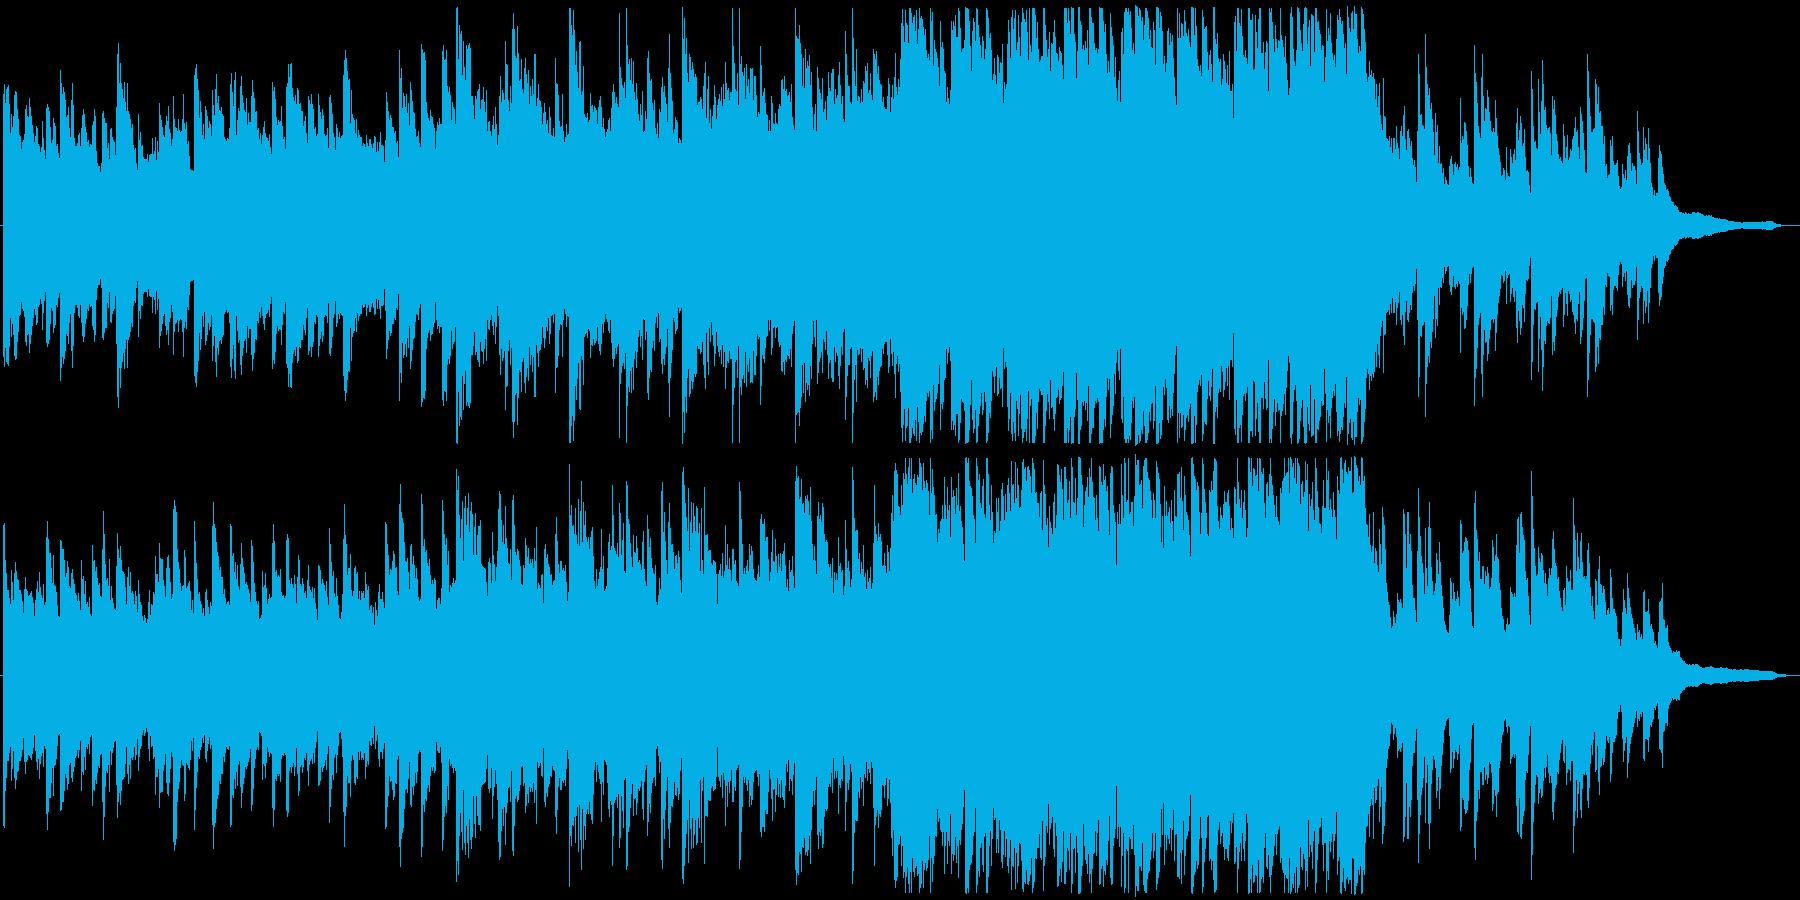 感動的、美しく壮大なピアノ&オケ V2の再生済みの波形